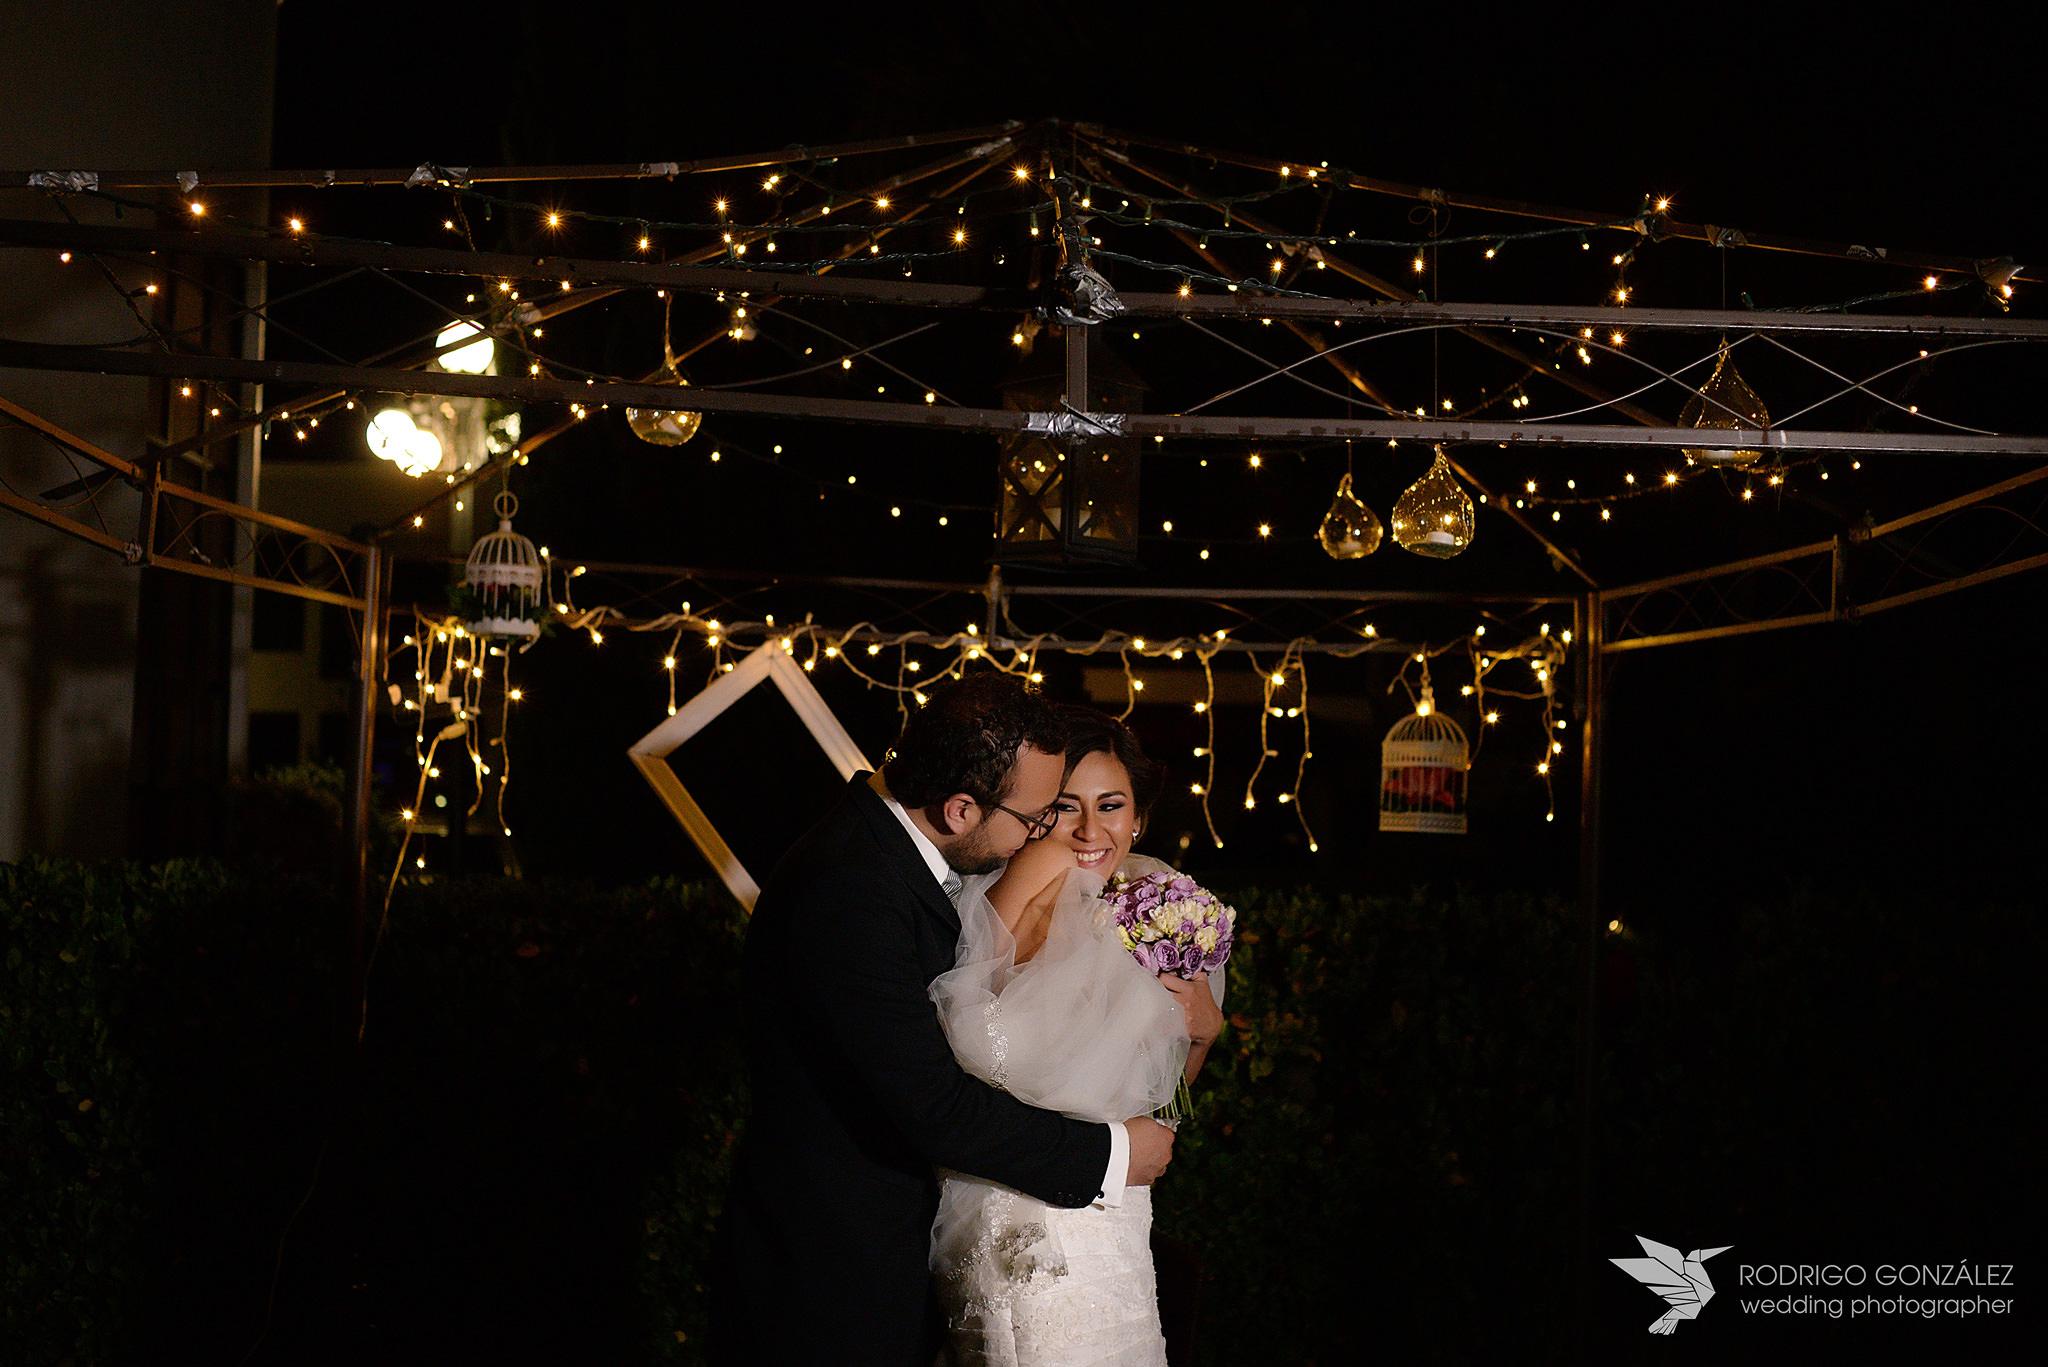 fotógrafos-de-bodas-en-puebla-0510